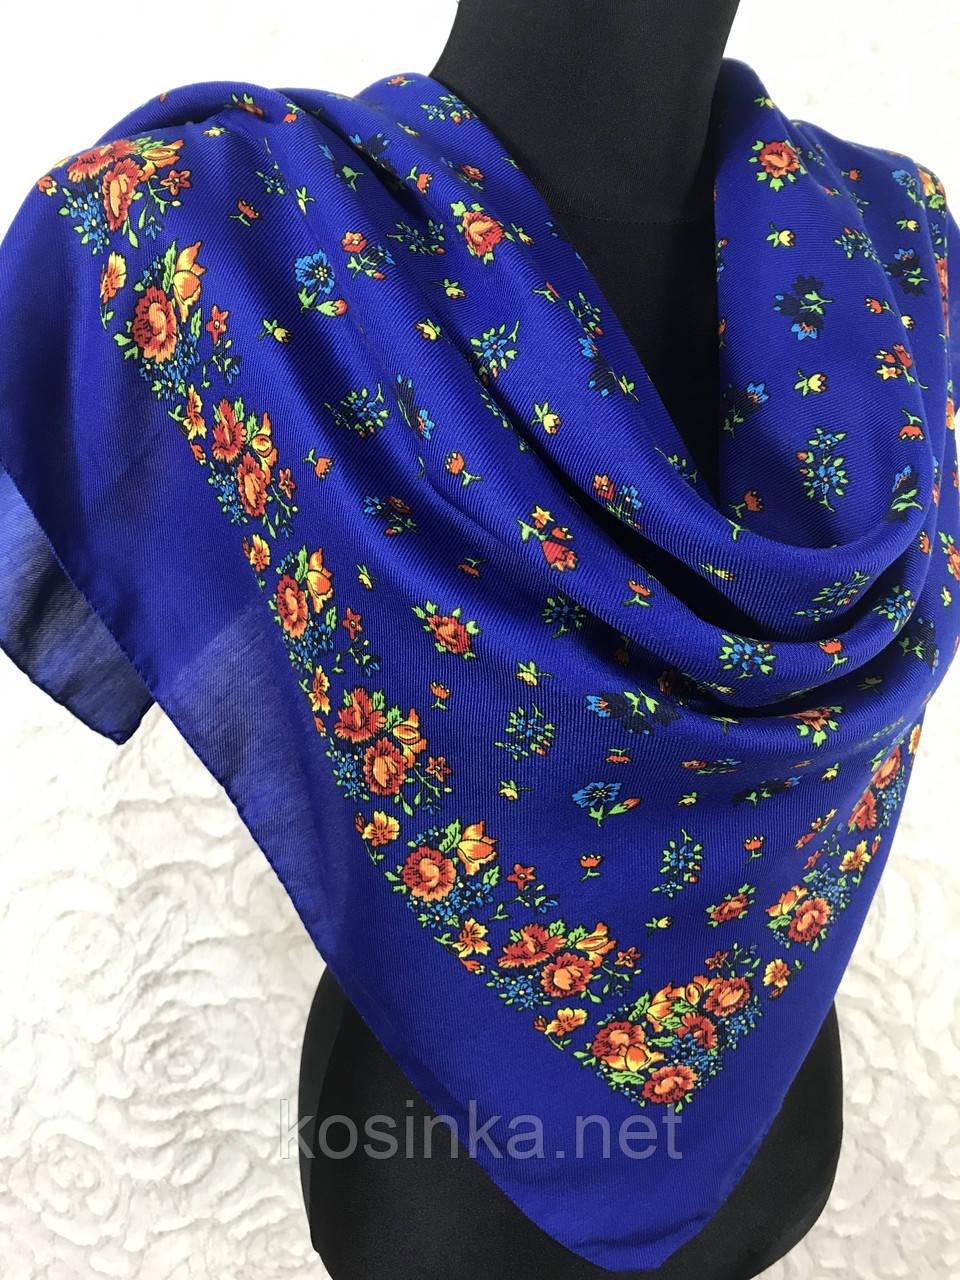 Жіночий український хустку в синьому кольорі 80х80 см (кол.6)